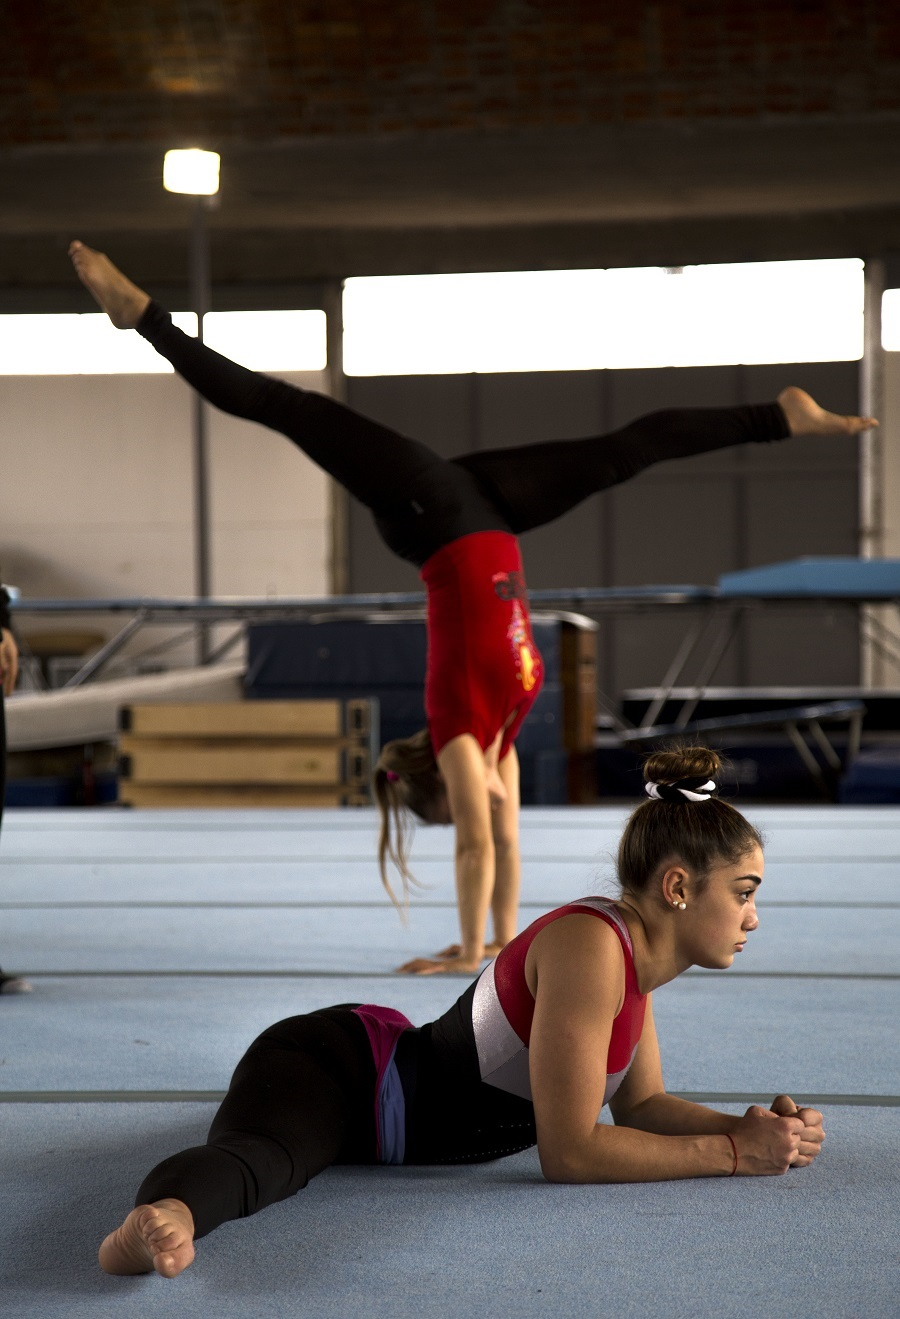 Gimnasio desarrollado con fondos de China para la realizaciónd de actividades de Gimnasia Artistica.  Producción Makarena Vinaja Fotos Pablo La Rosa.  Banco de imágenes AUCI.